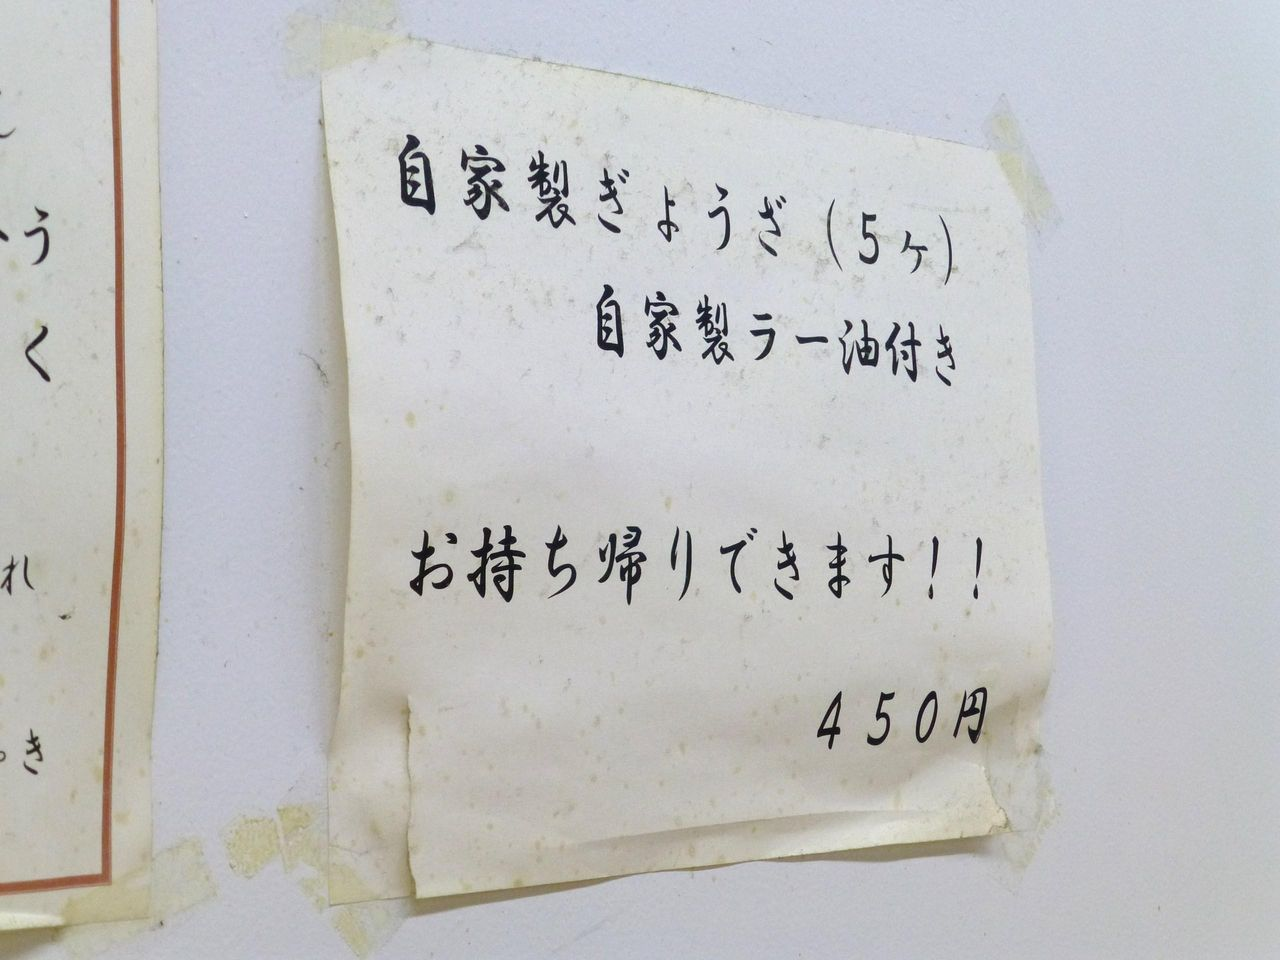 タンメンしゃきしゃきのメニュー(26年6月現在)